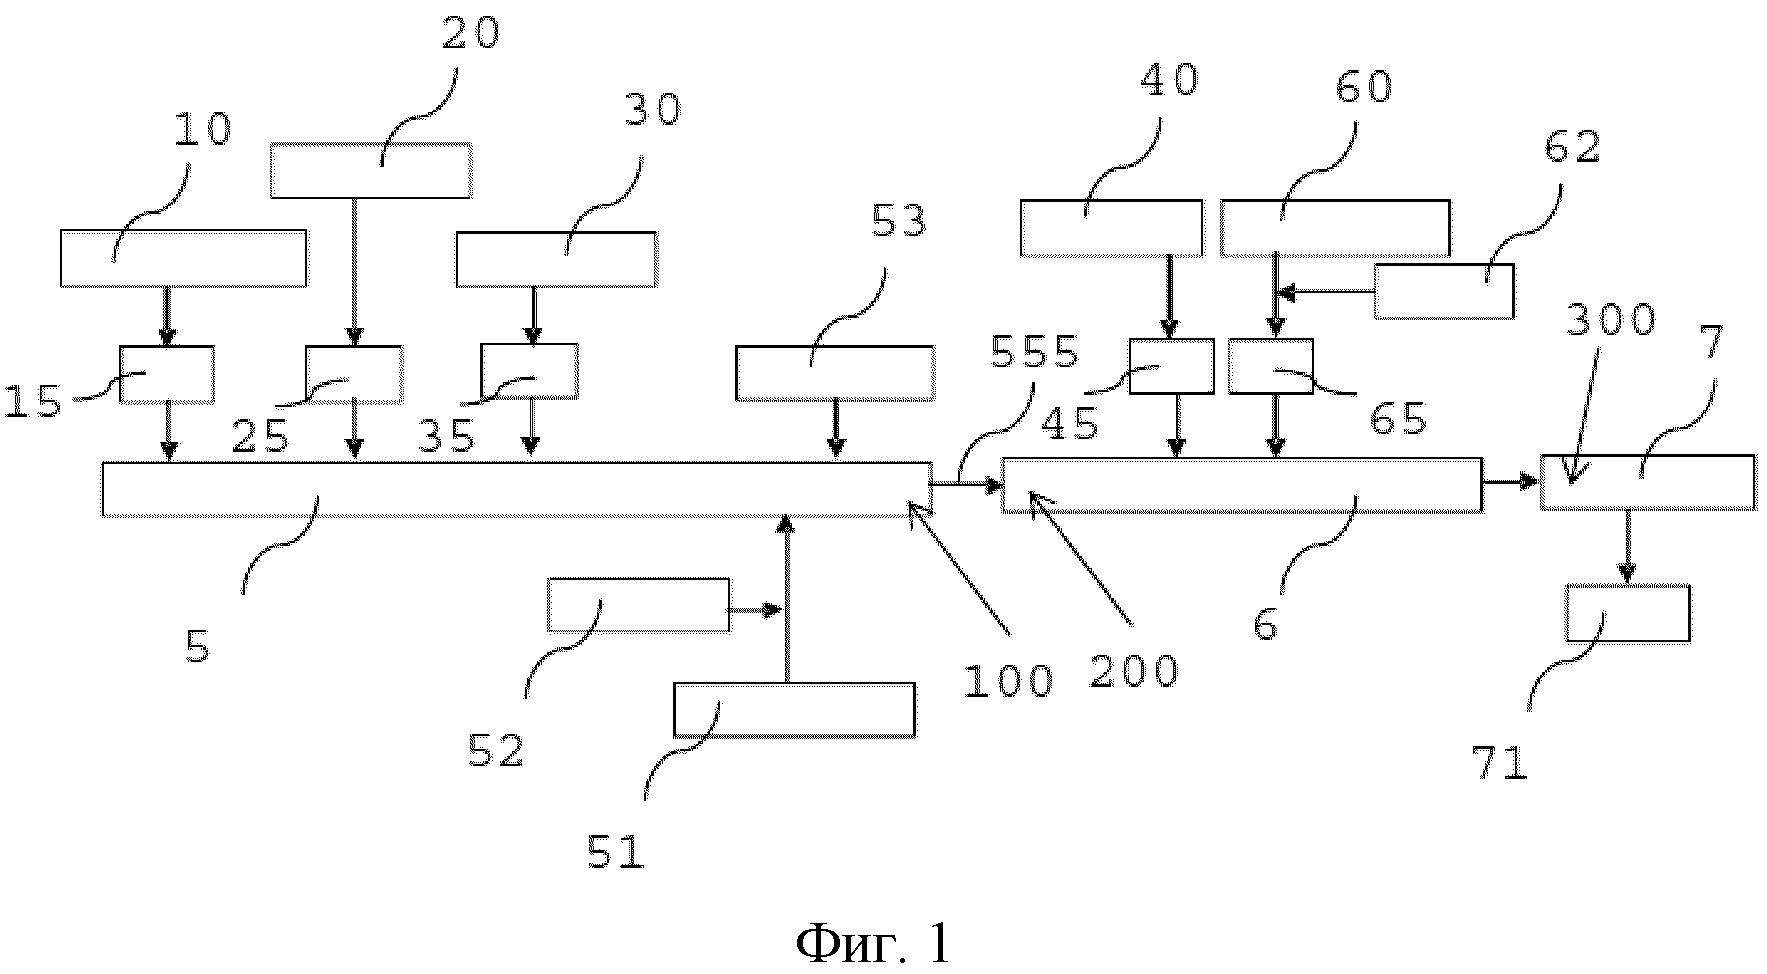 Способ и устройство для изготовления заготовок, генерирующих аэрозоль